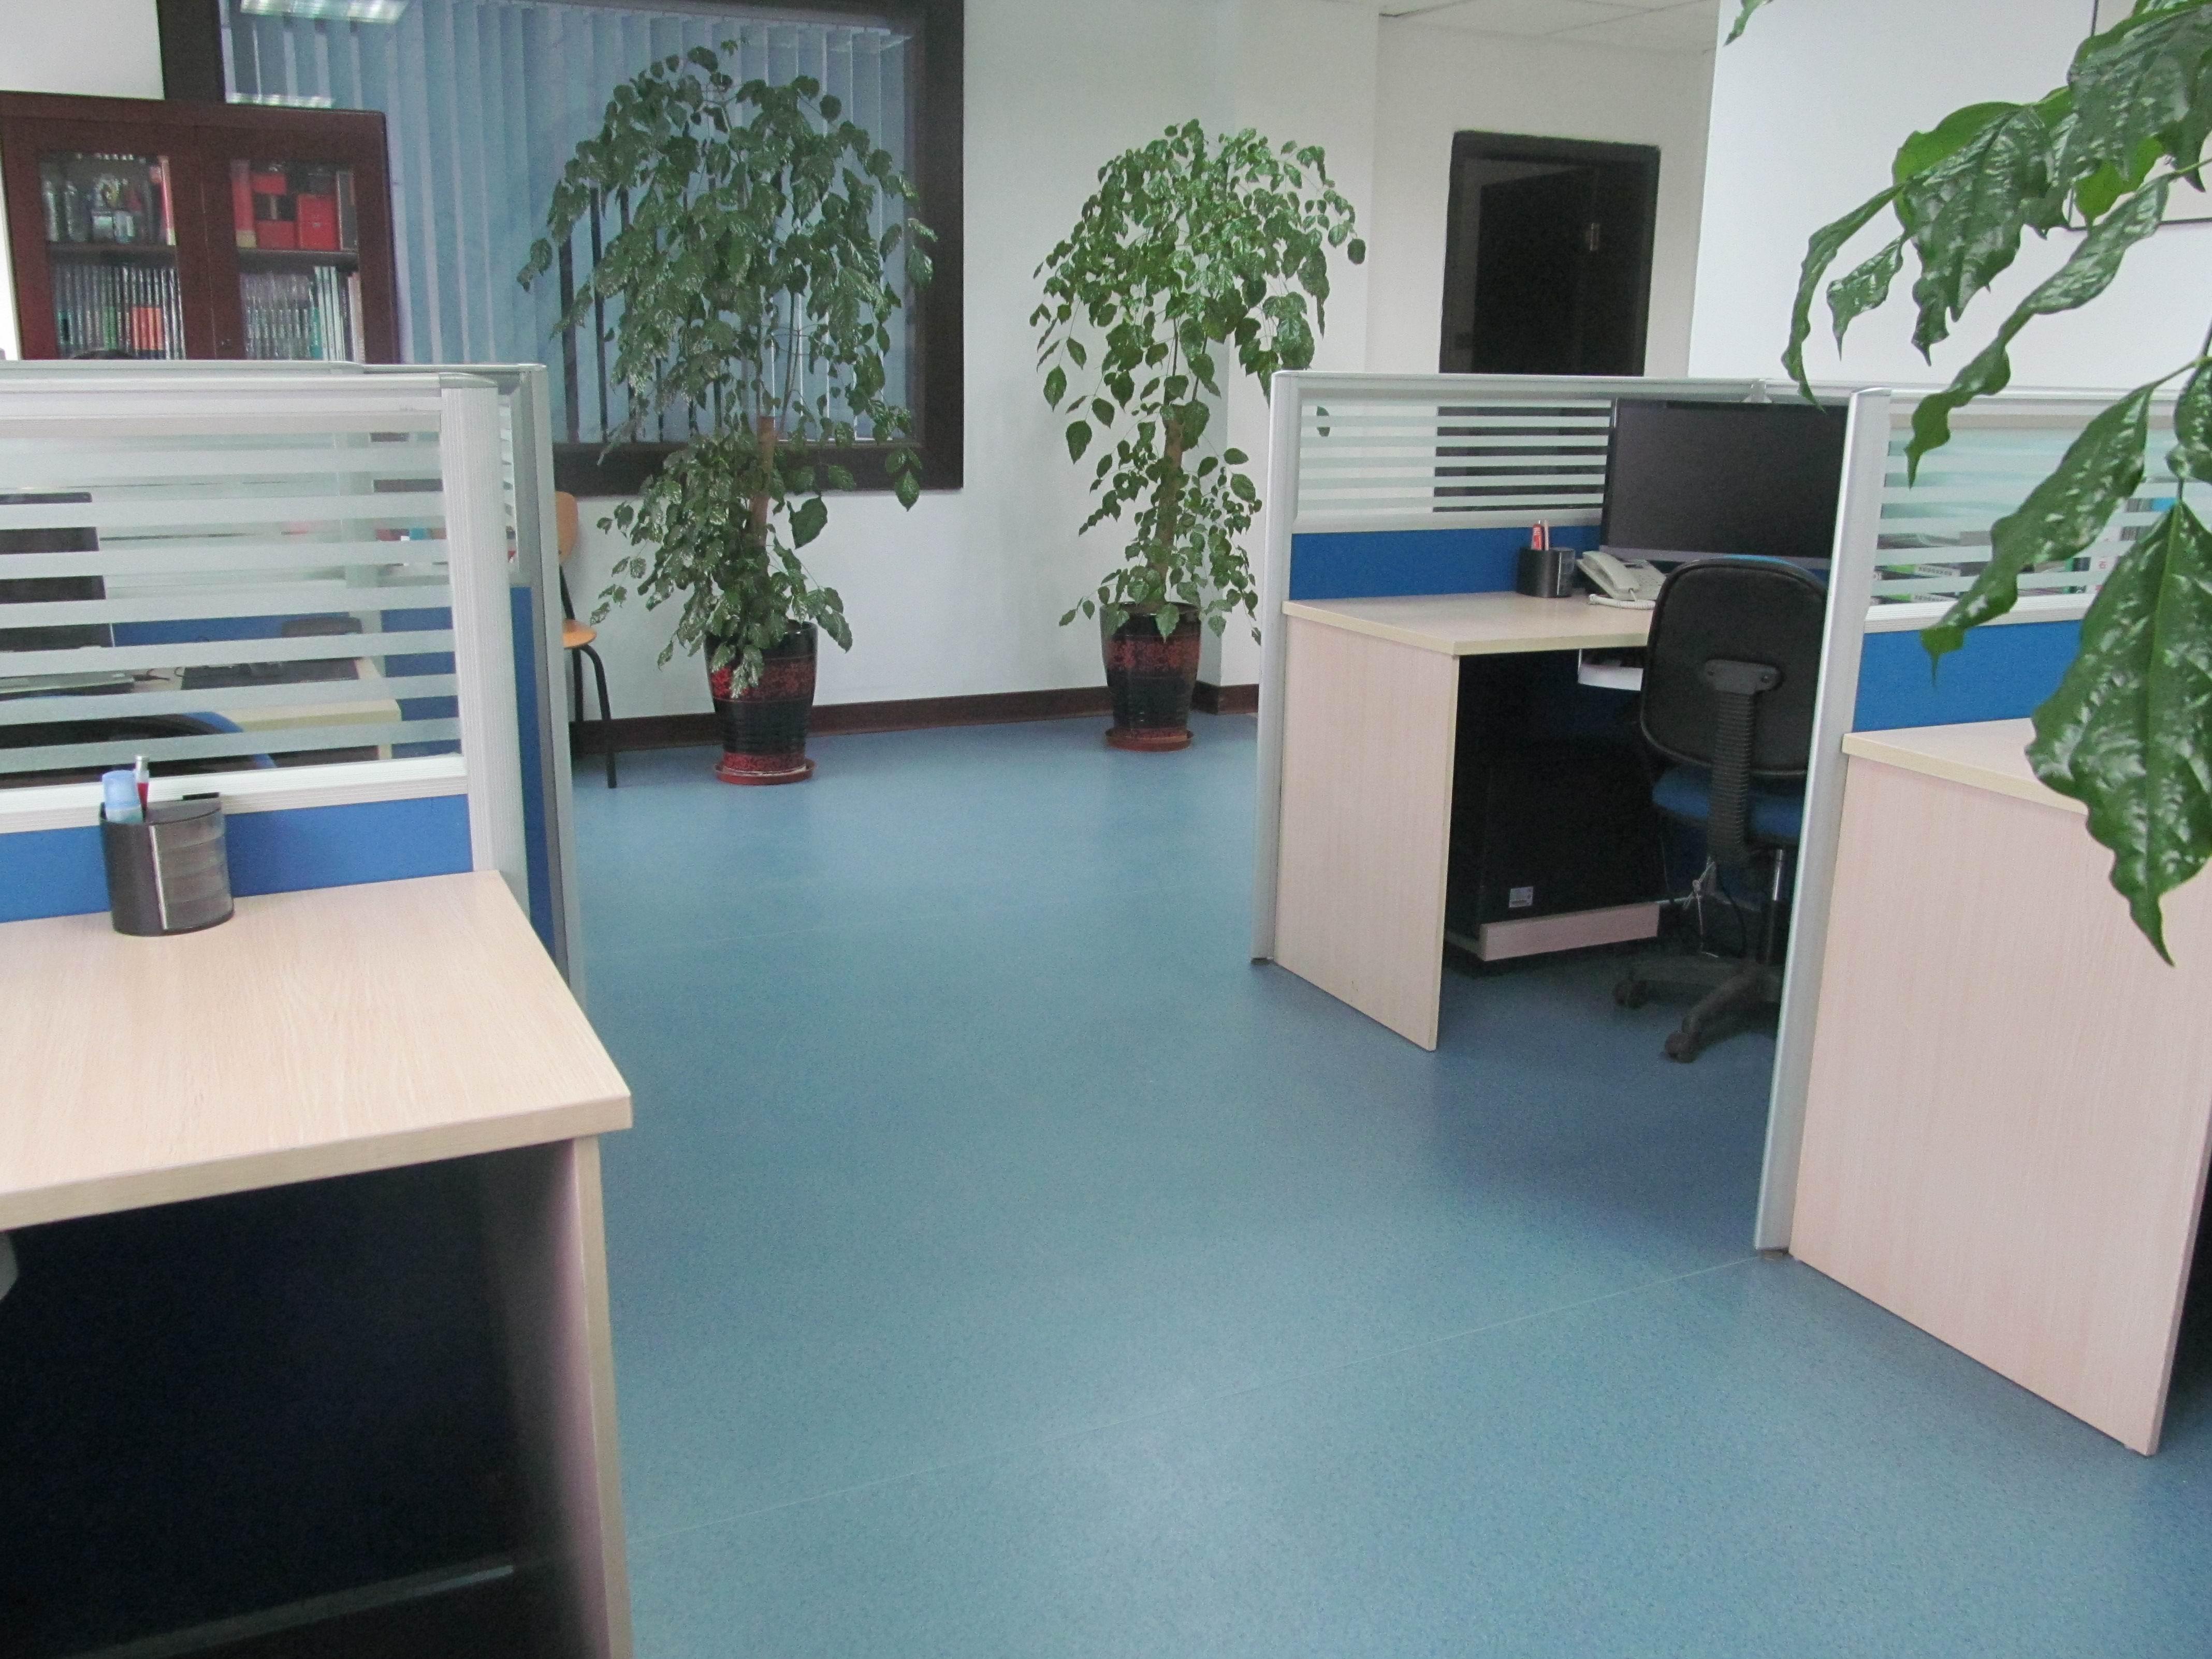 办公室装修,80平,包括一个大厅和两间办公室,大厅大约30-40平,现在